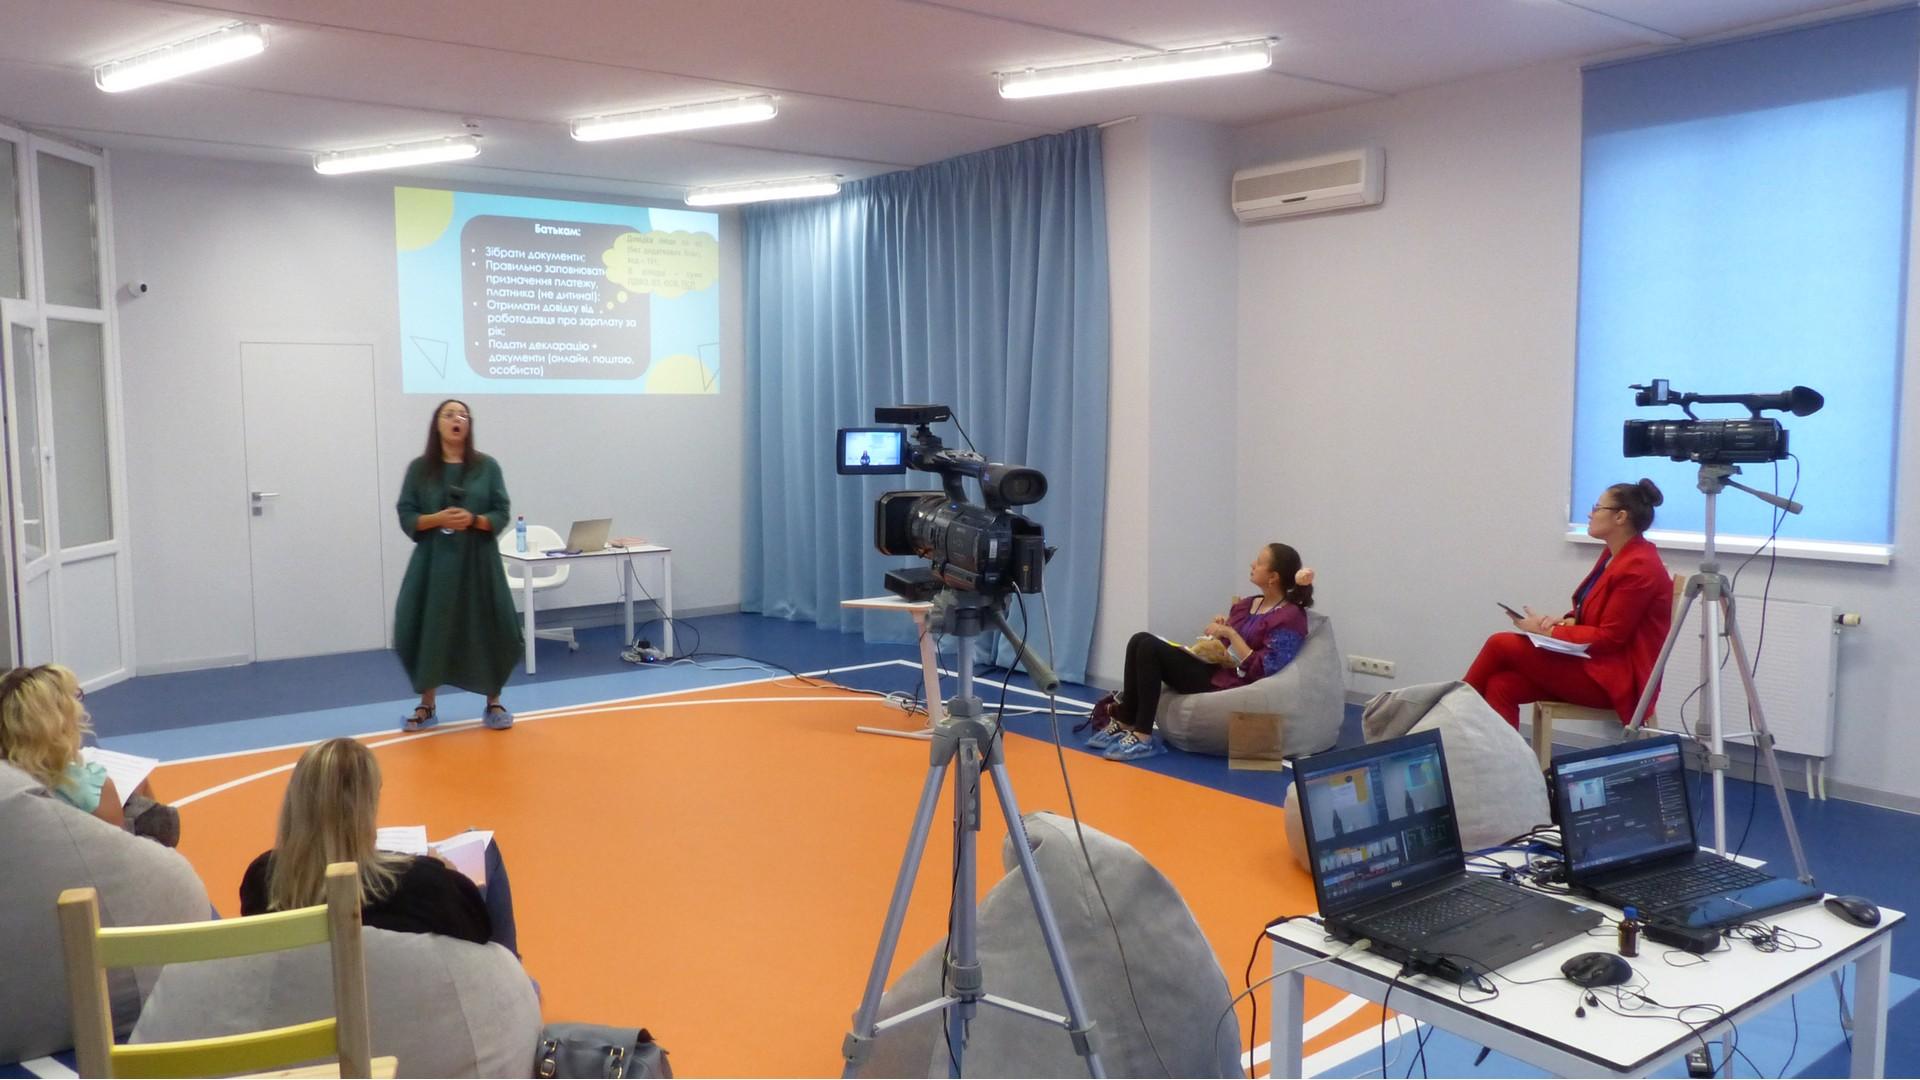 Двухкамерная онлайн трансляция вебинара по госудаственной поддержке семей на образование ребенка